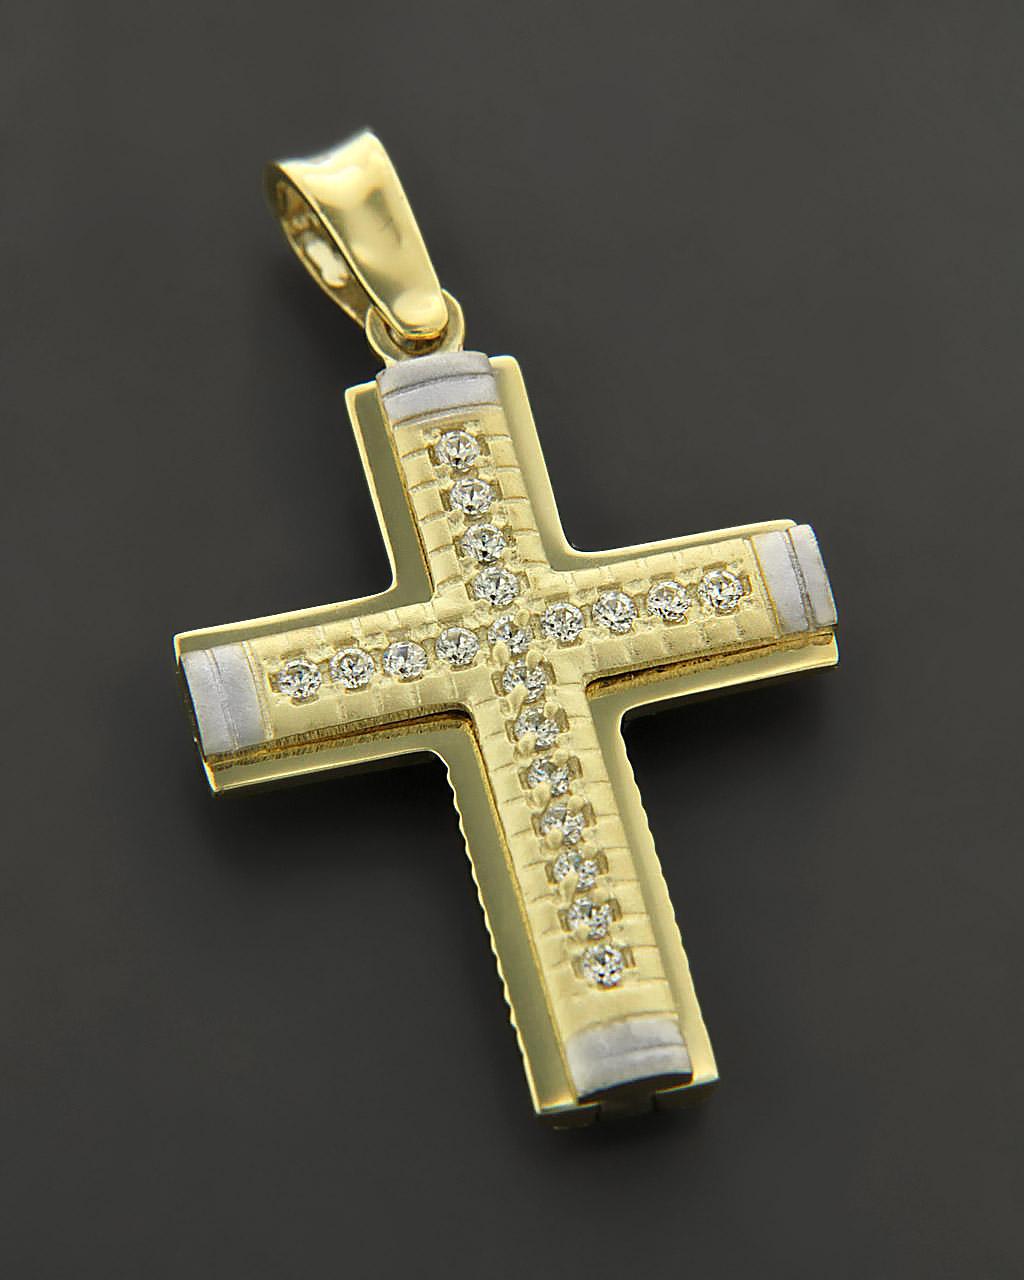 Σταυρός χρυσός & λευκόχρυσος Κ9 με Ζιργκόν   κοσμηματα σταυροί σταυροί χρυσοί